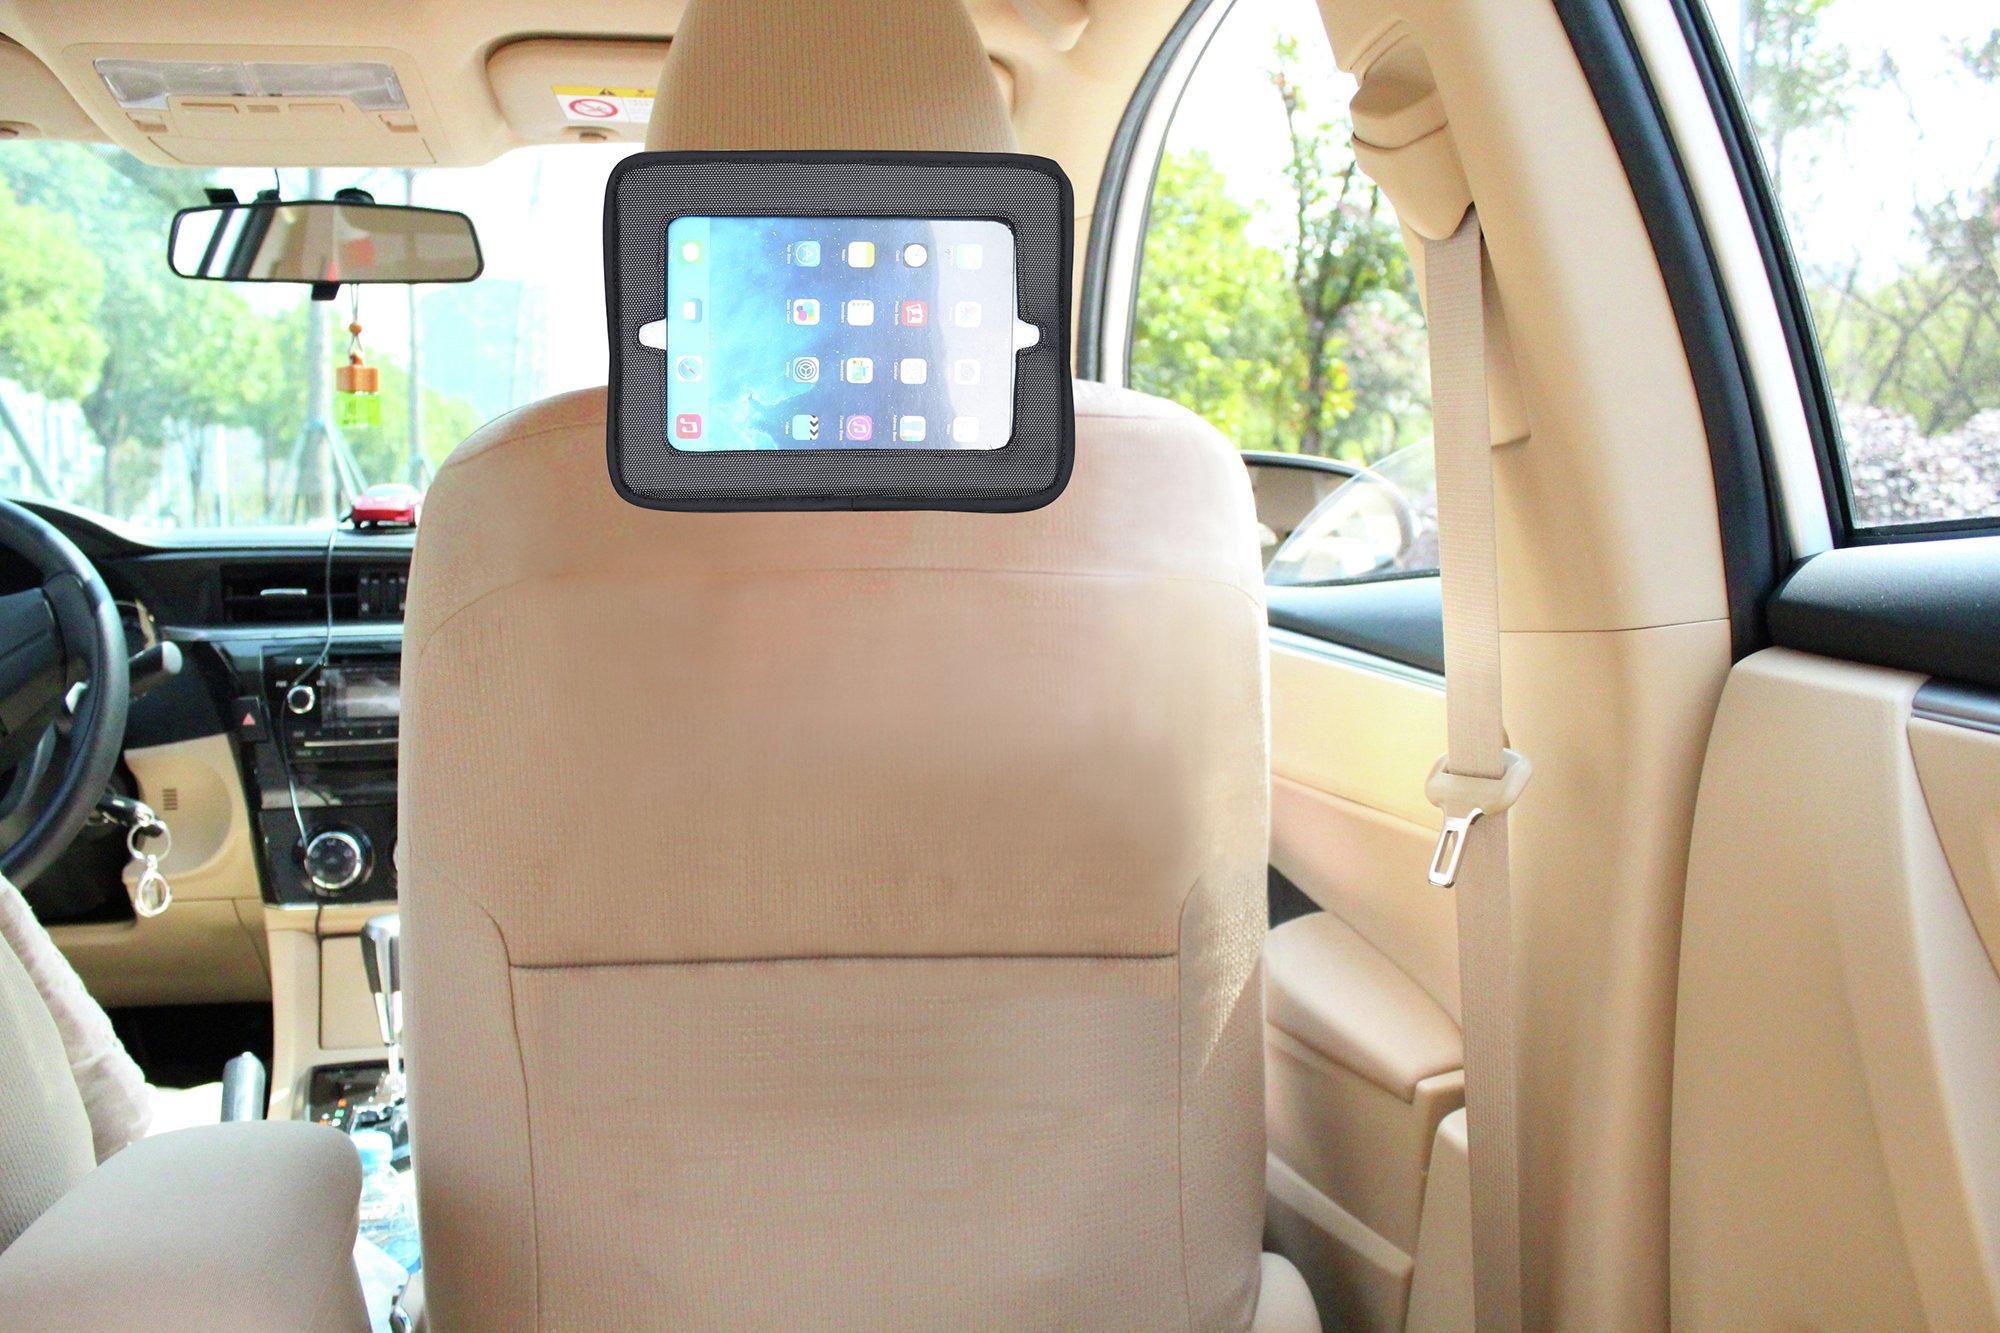 Image of Babydan Head Rest Mounted Tablet Holder